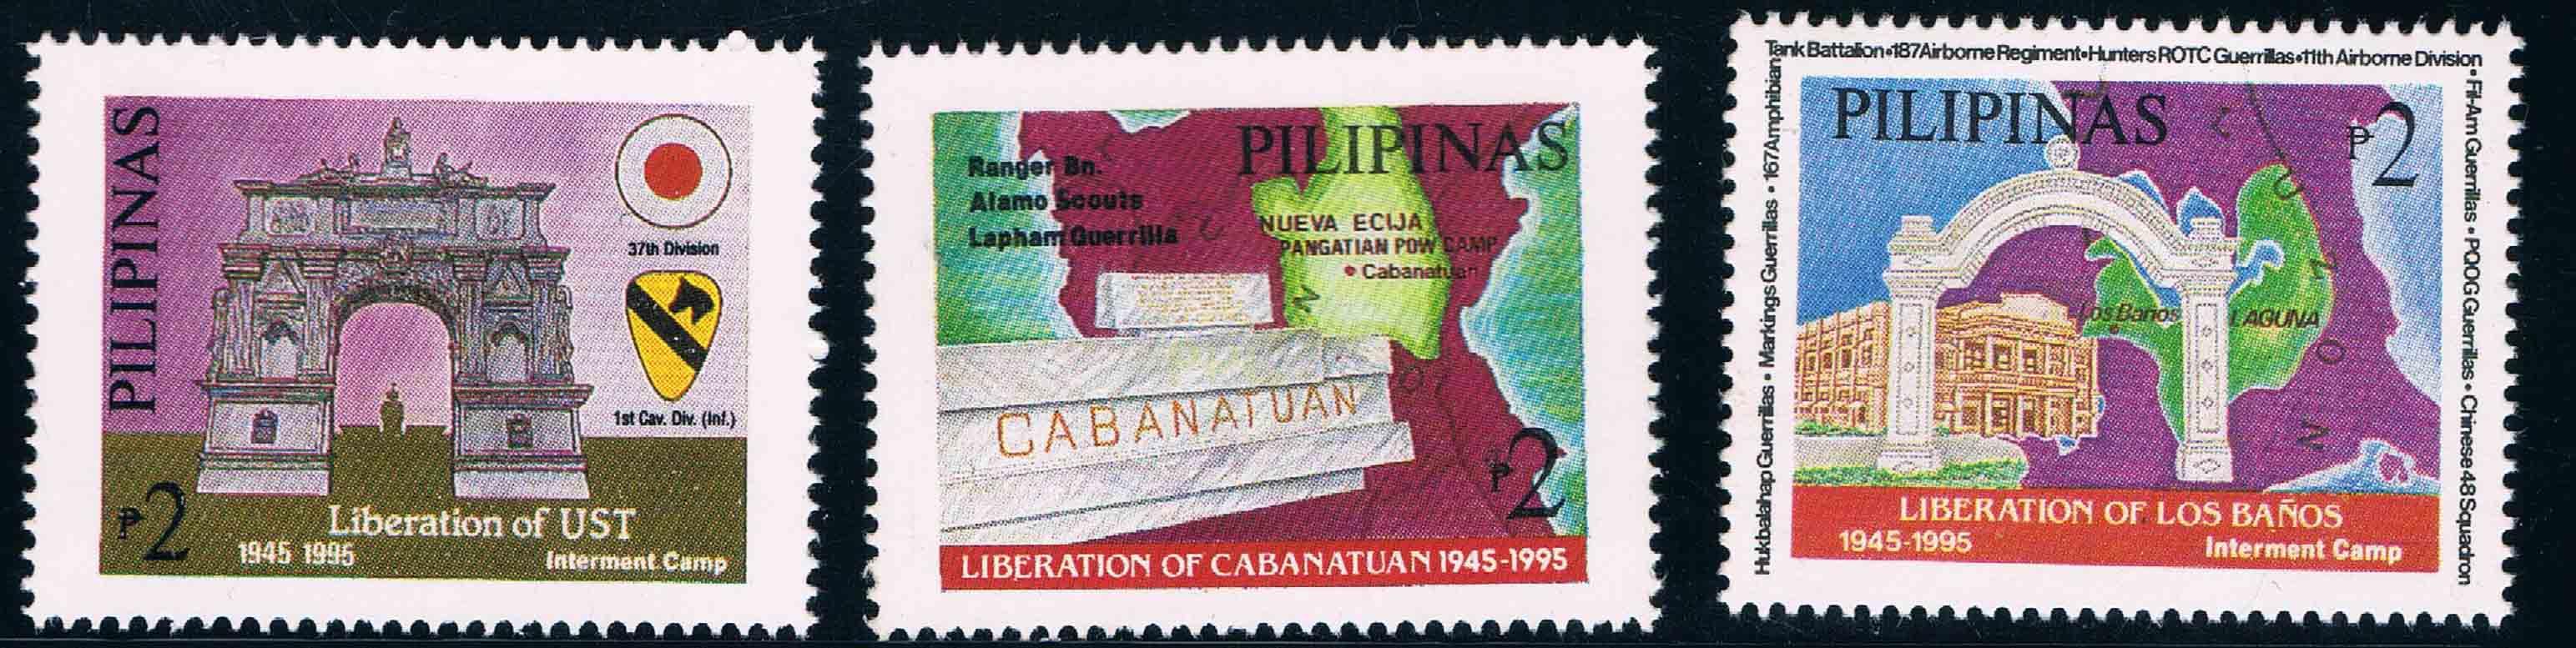 菲律宾1995二战菲律宾战场战役50周年地图(大图展示)